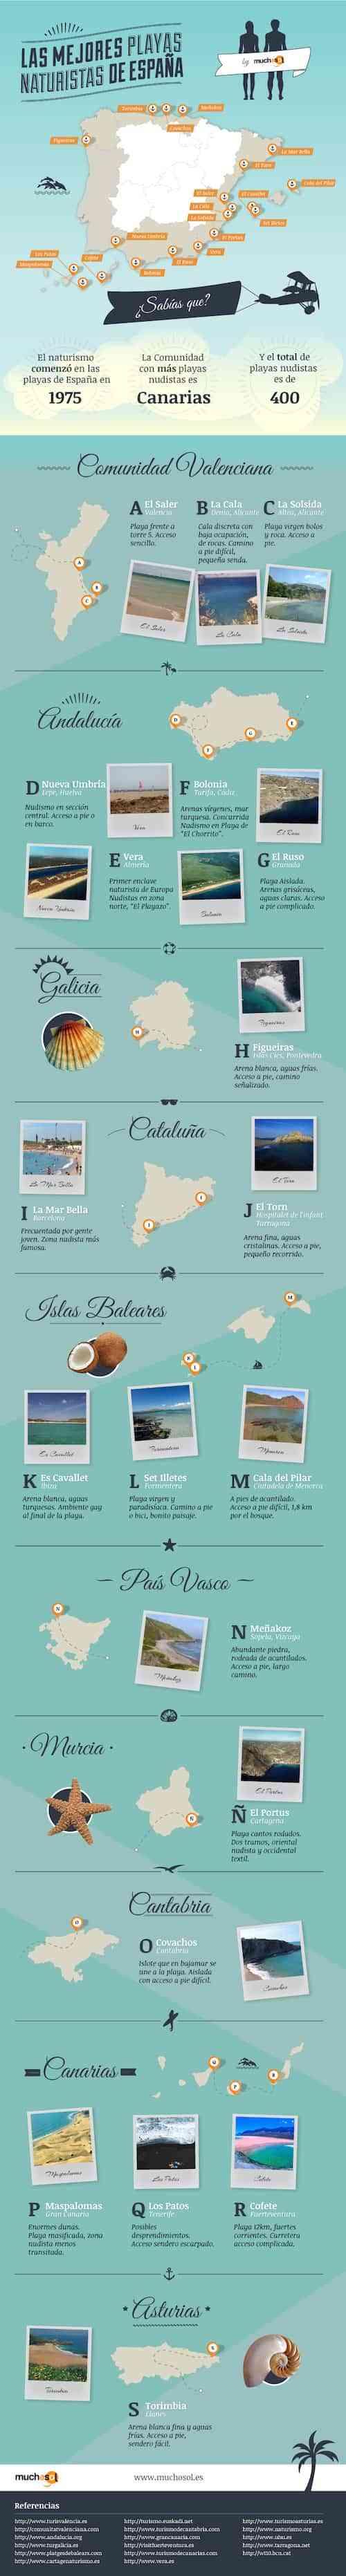 mejores playas nudistas espana